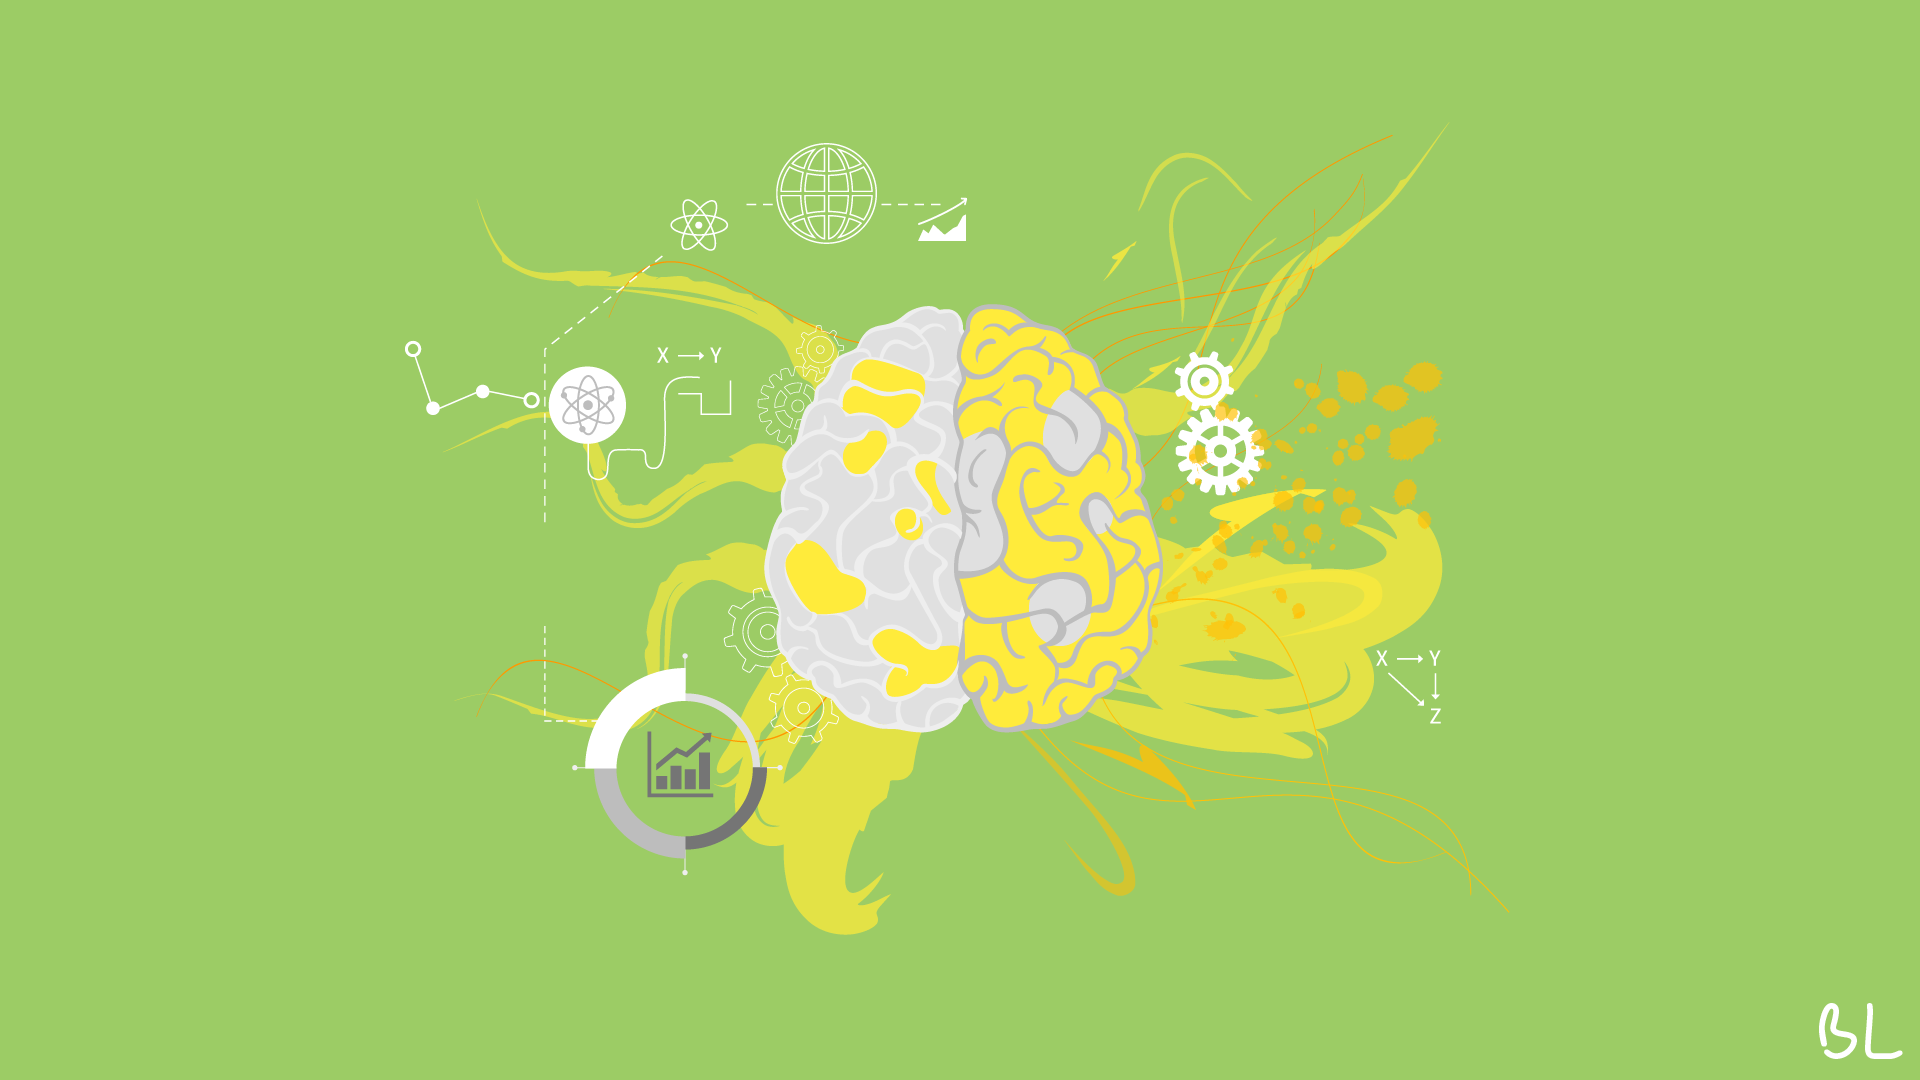 Langage et pensée formelle : des réseaux neuronaux dissociables